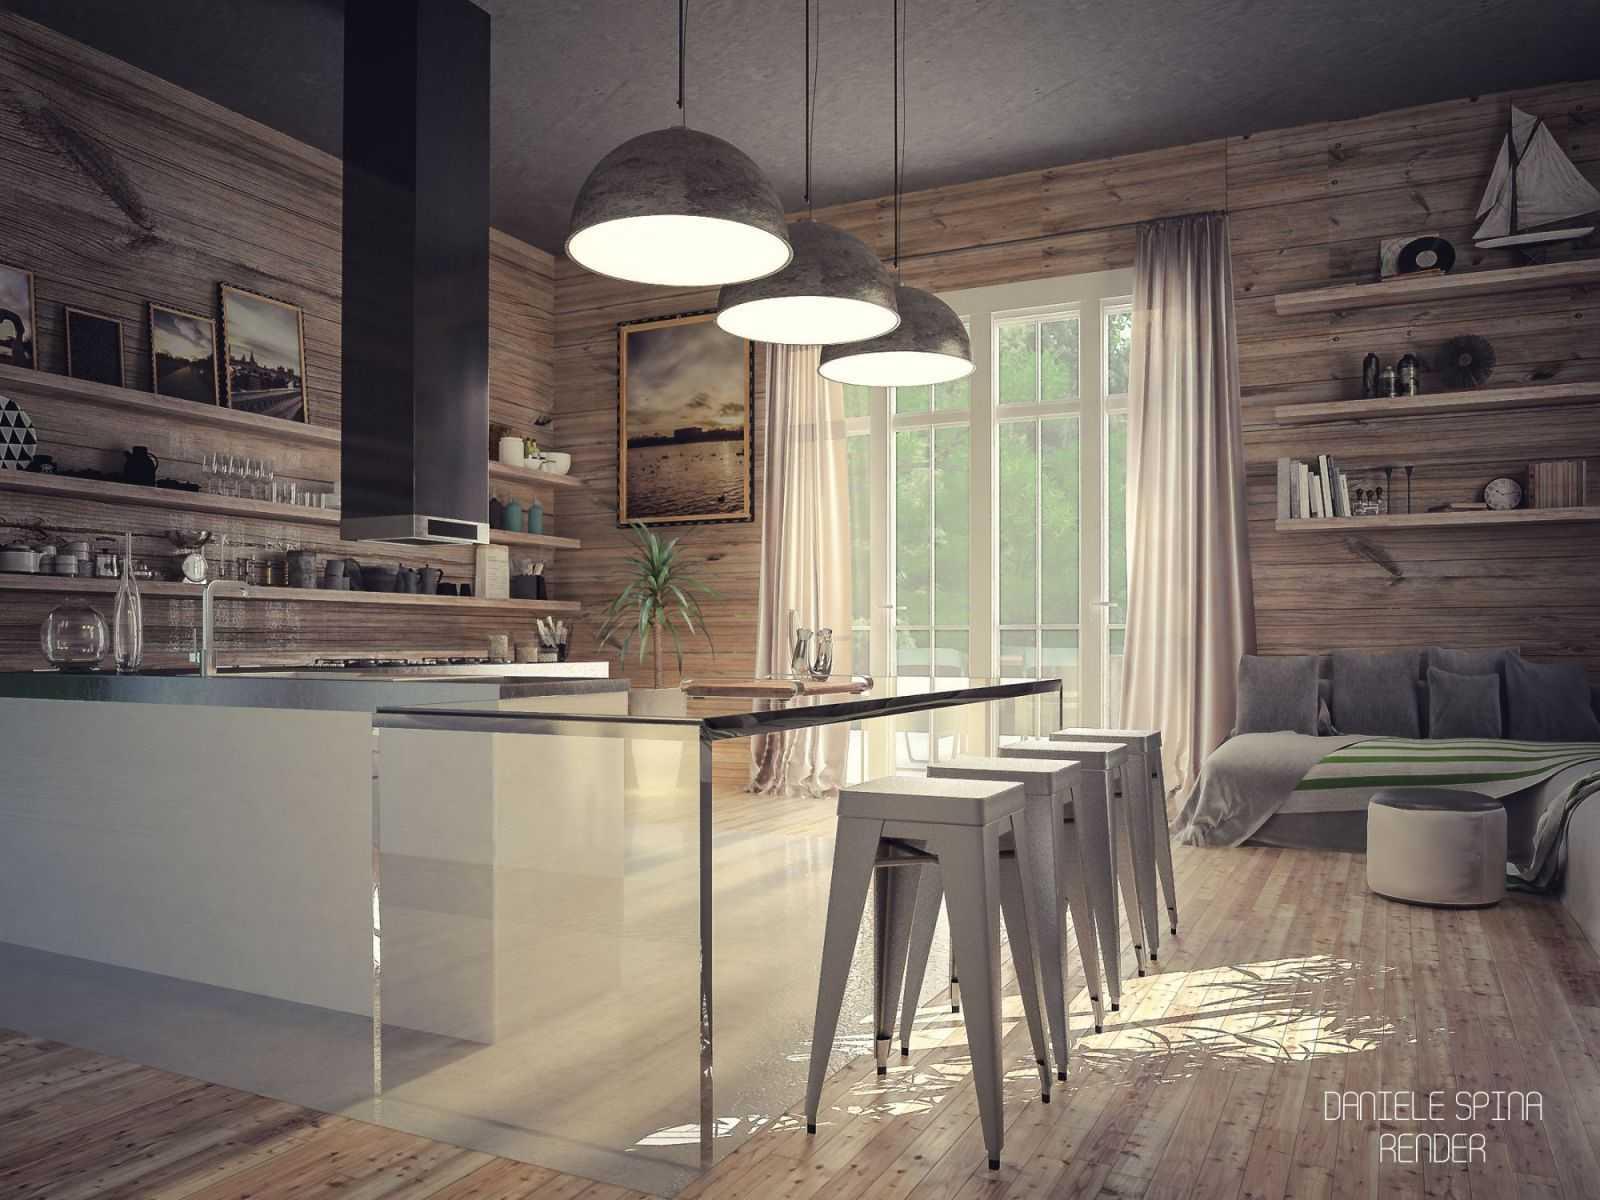 Những thiết kế độc lạ mang đến vẻ hiện đại, mới lạ cho căn phòng vốn đã giản dị